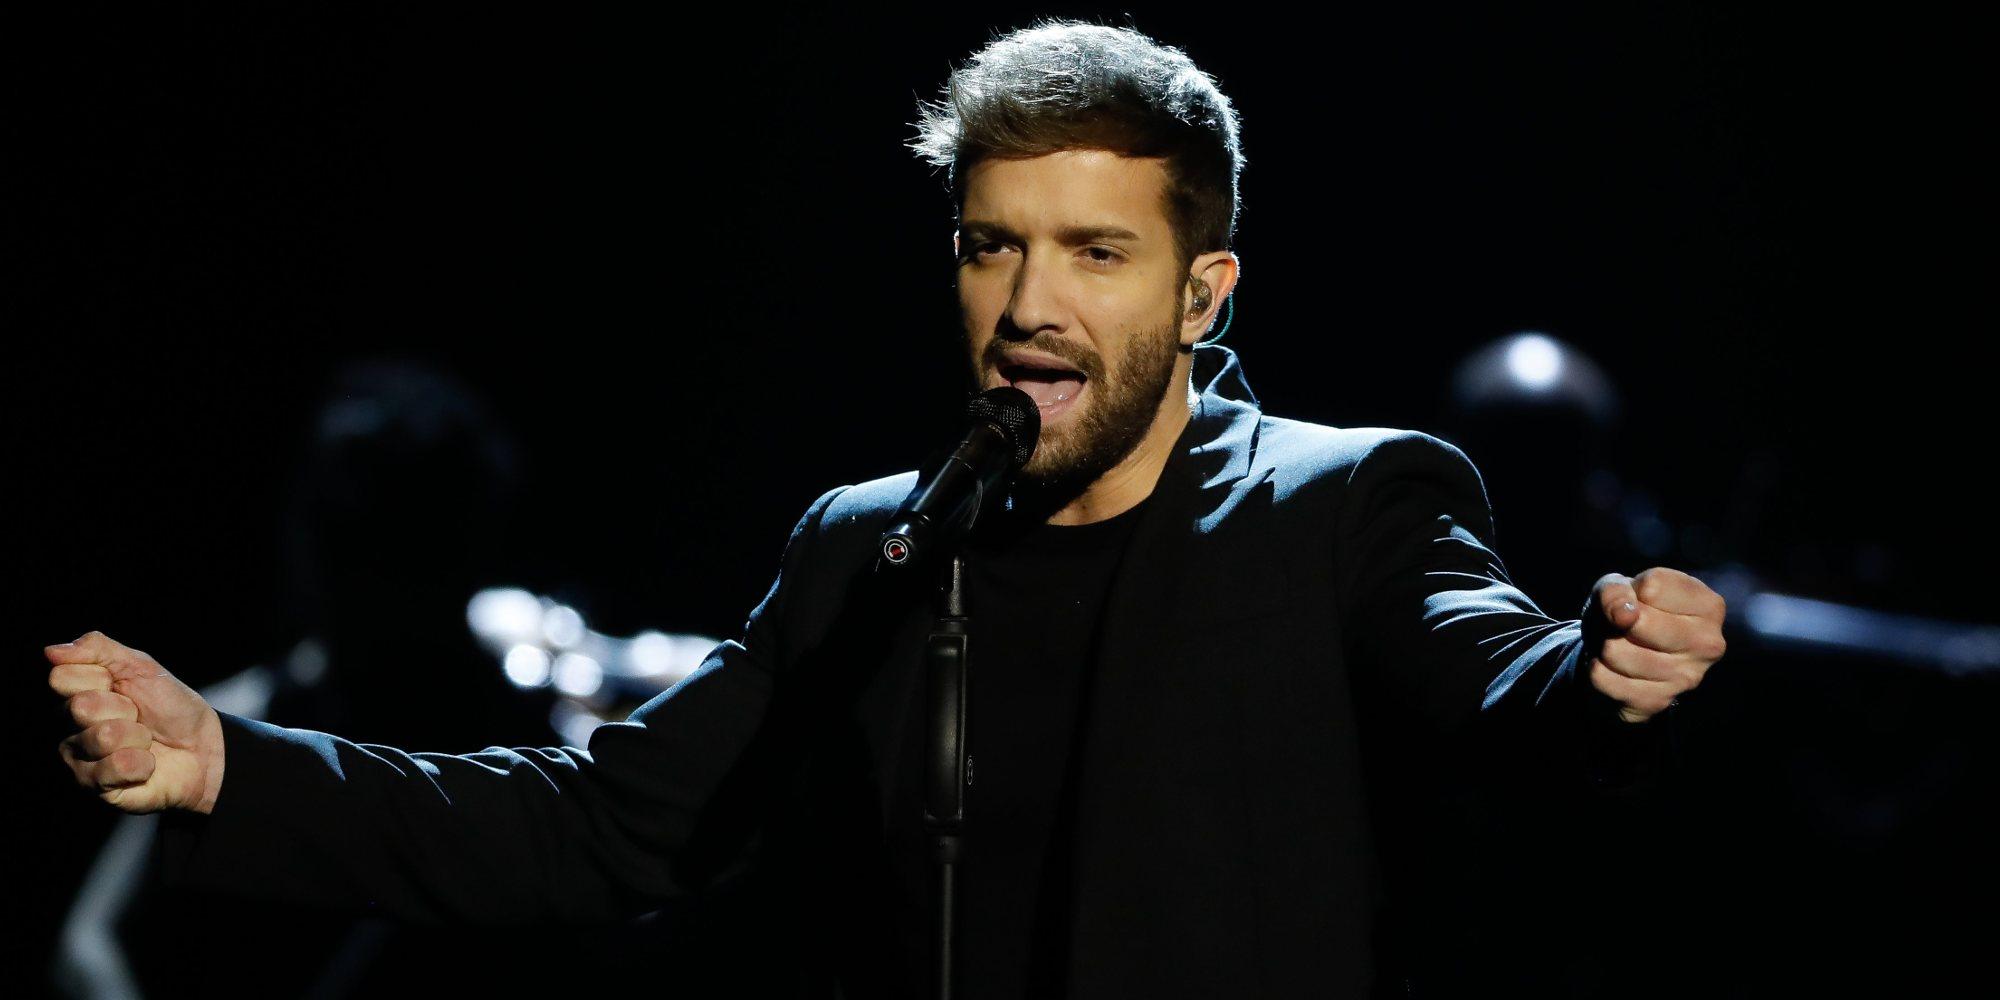 Pablo Alborán, Amaral, Premios Dial... Conciertos de Madrid y otros de España, cancelados por el coronavirus